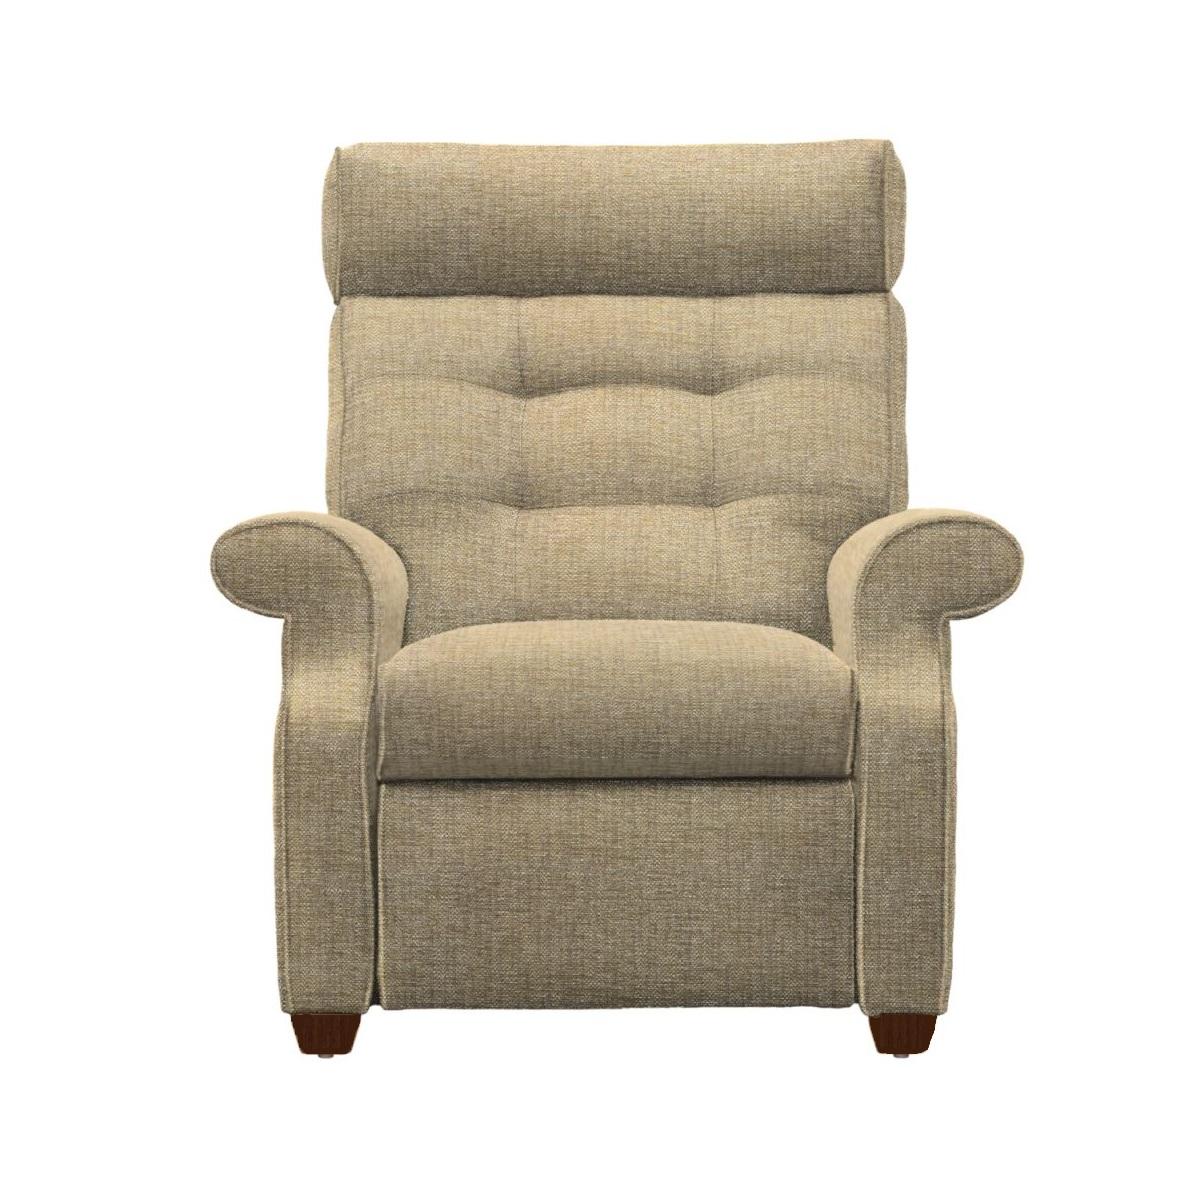 Norton 150 Rise & Recline Power Chair